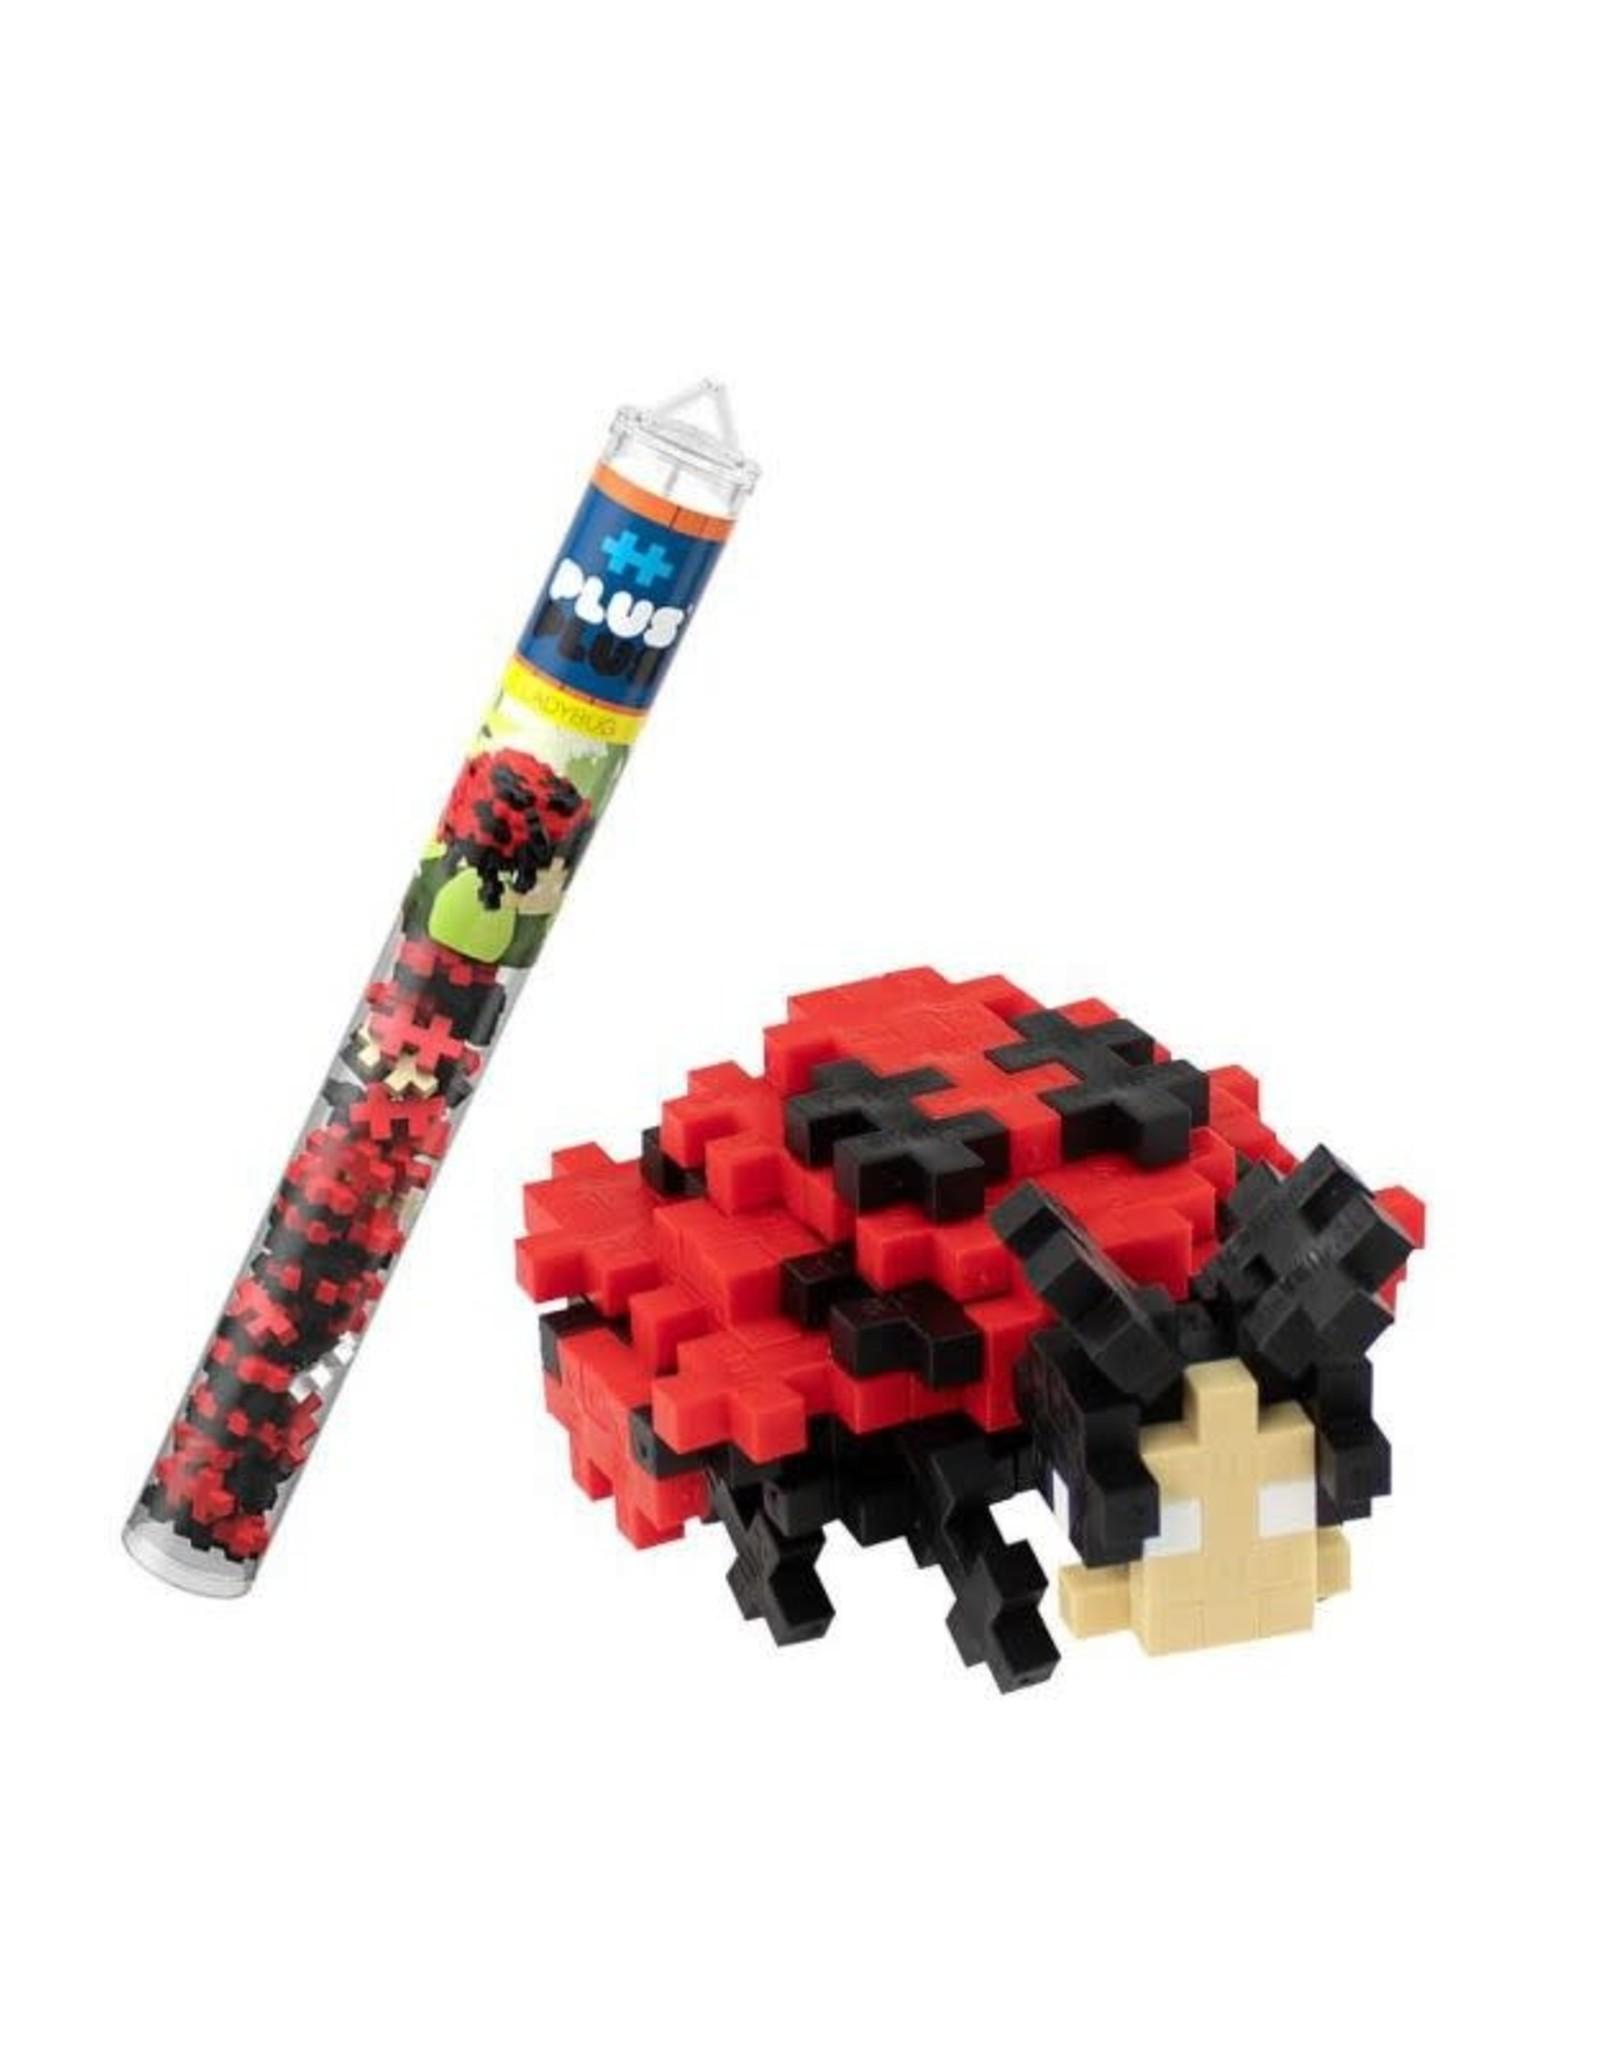 Plus-Plus Tube - Ladybug